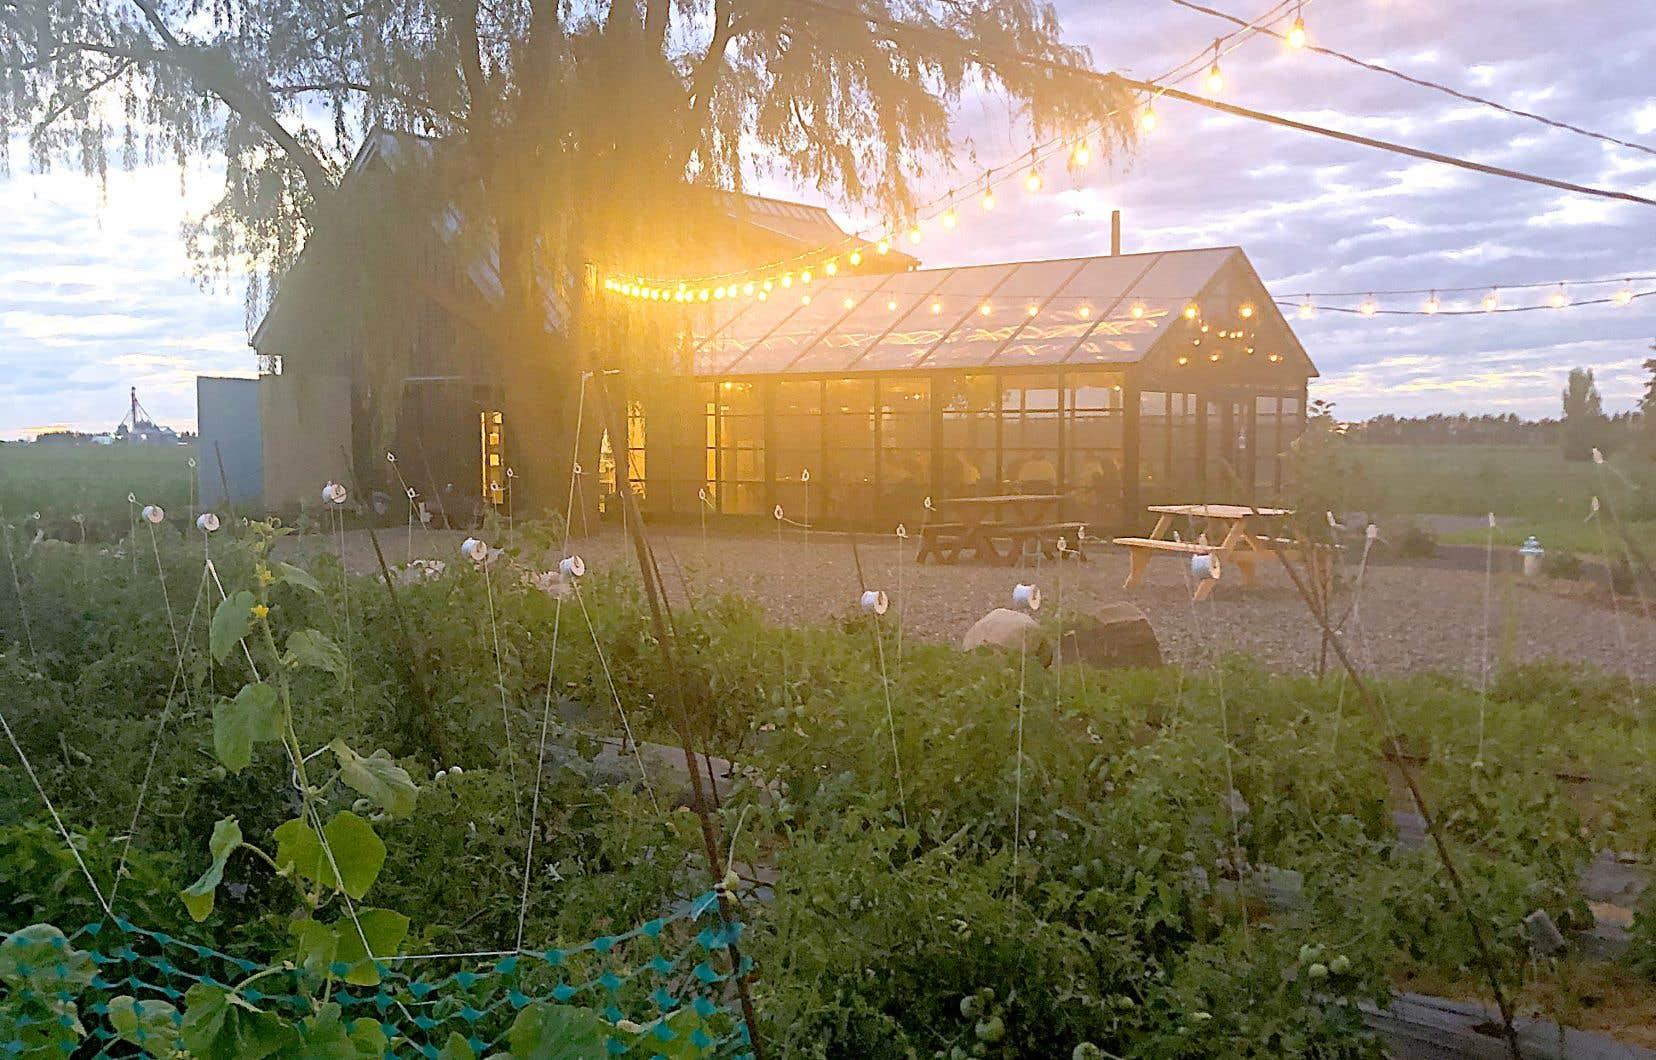 Au milieu des jardins où sont cultivés les légumes qui nous seront servis au Bika ferme et cuisine se dresse une salle vitrée pouvant accueillir une vingtaine de convives.